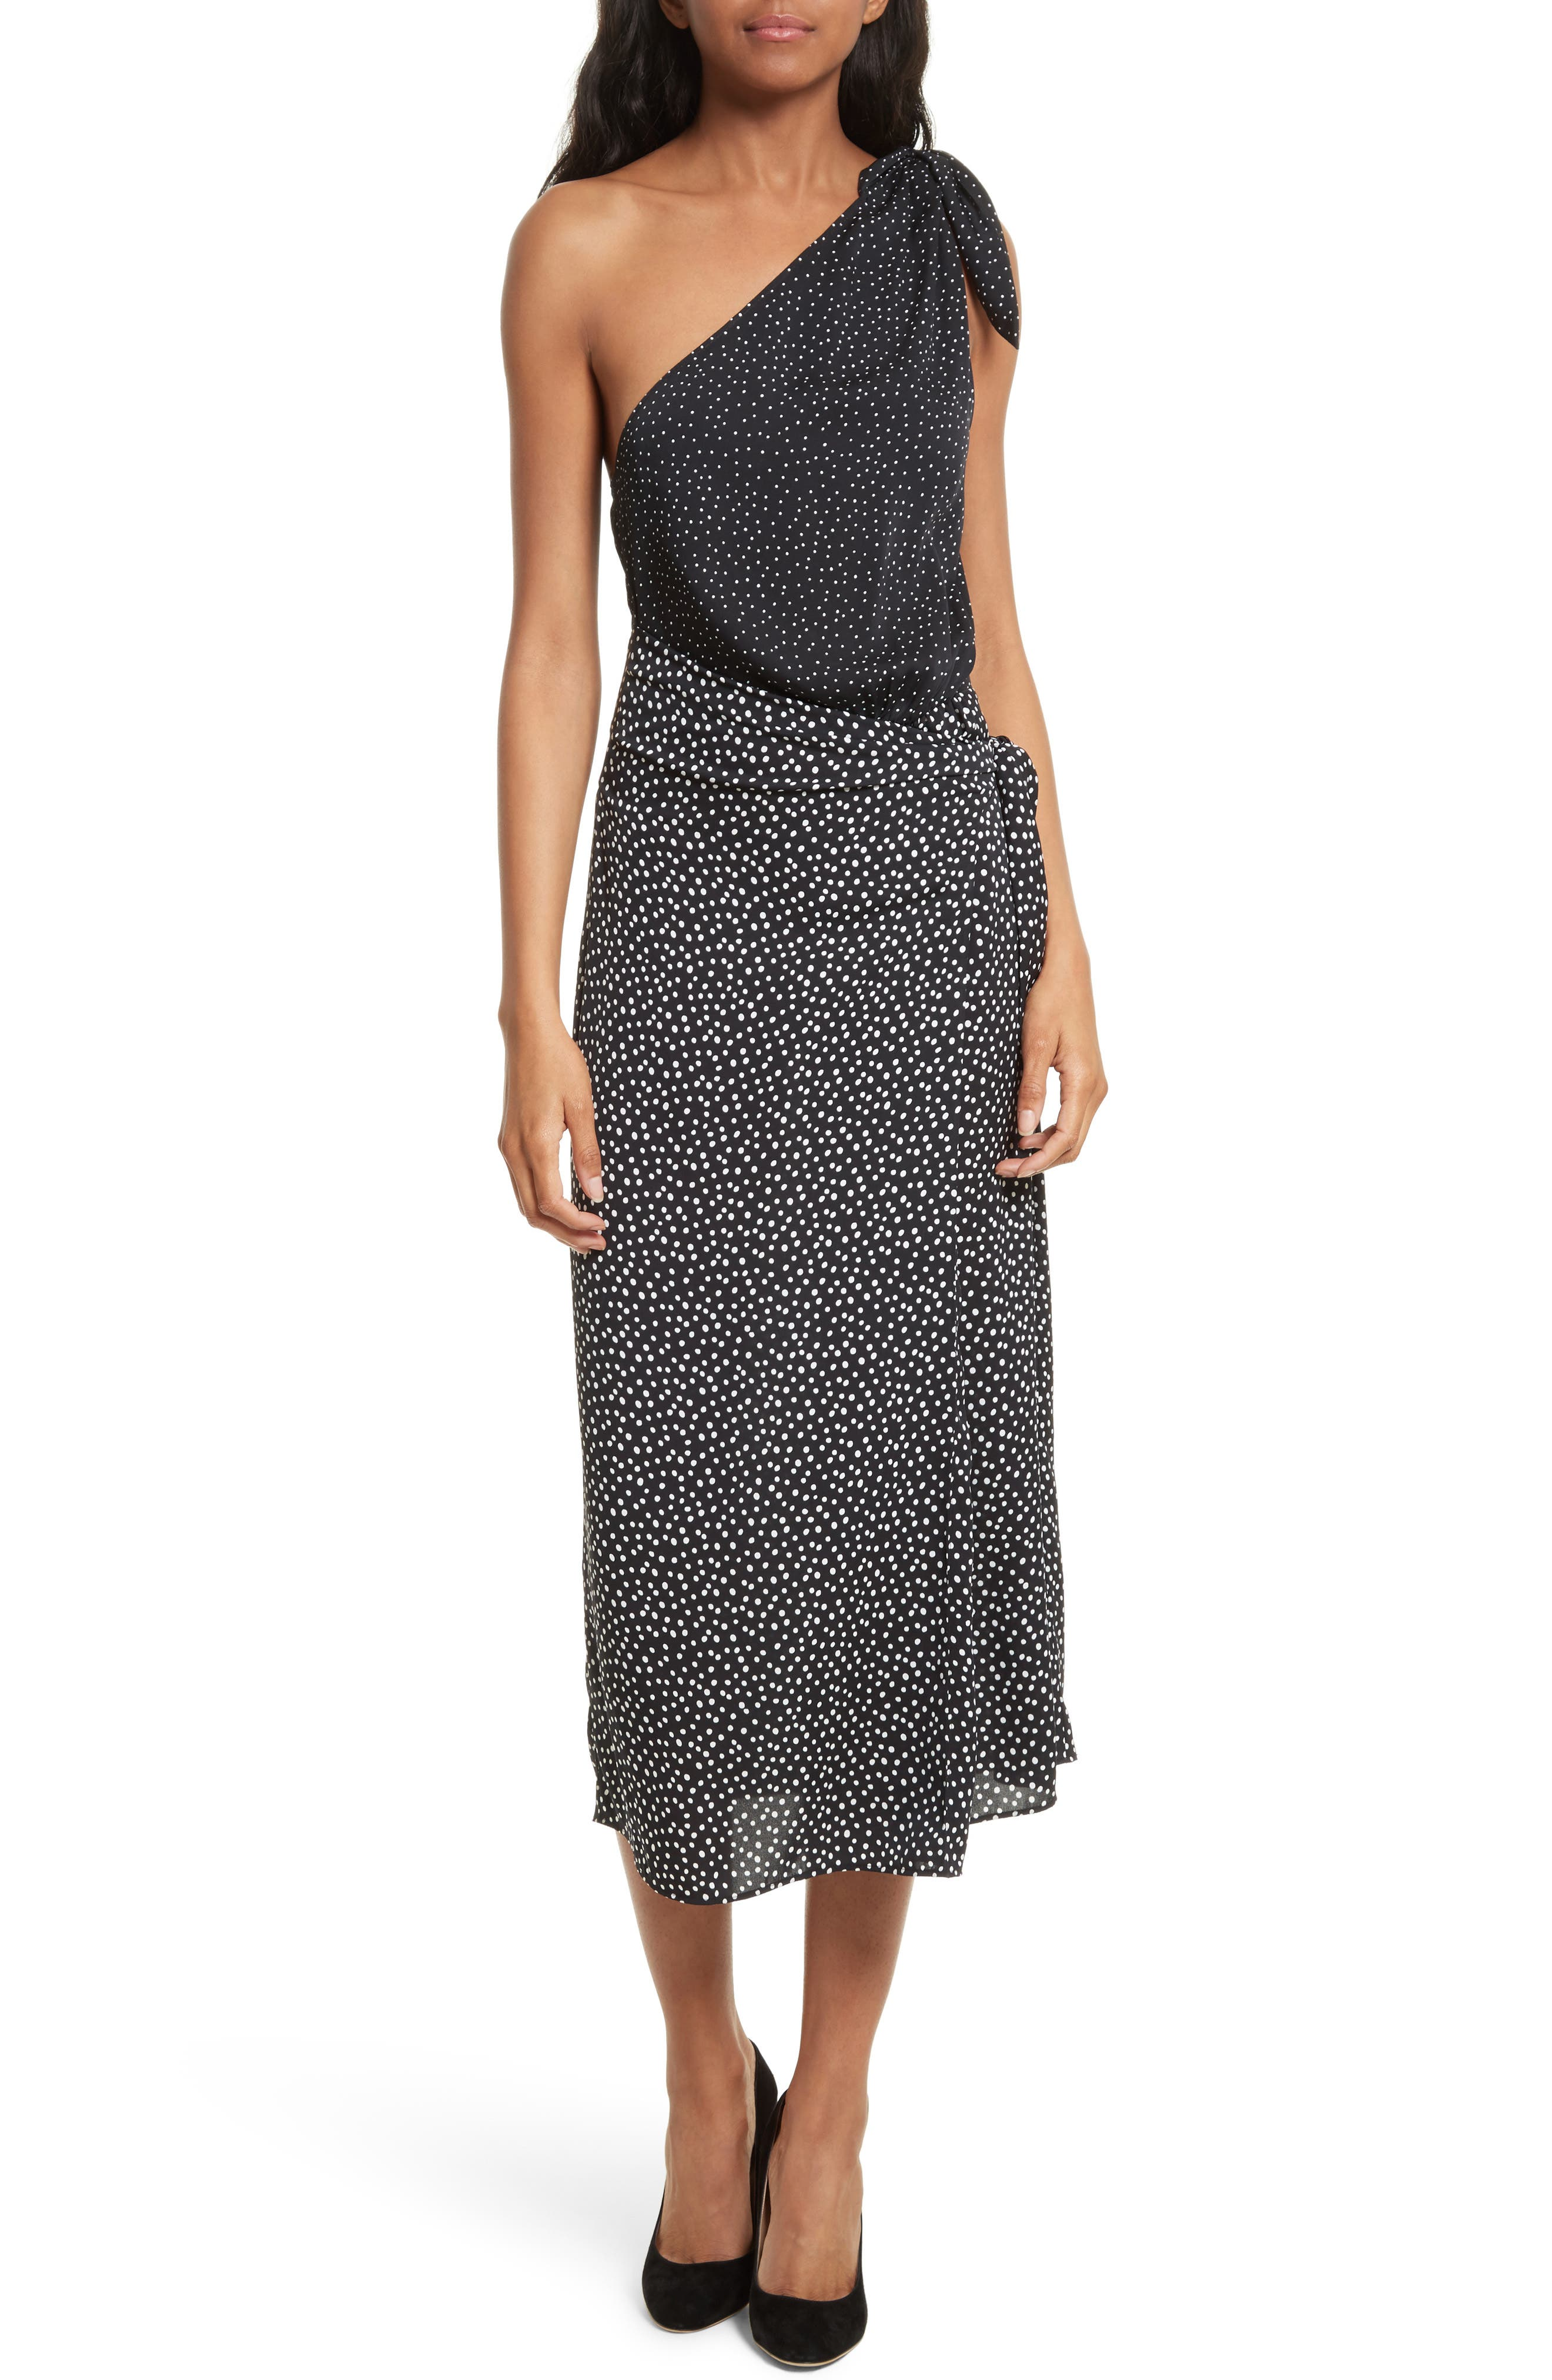 Diane von Furstenberg Knot Detail One-Shoulder Dress